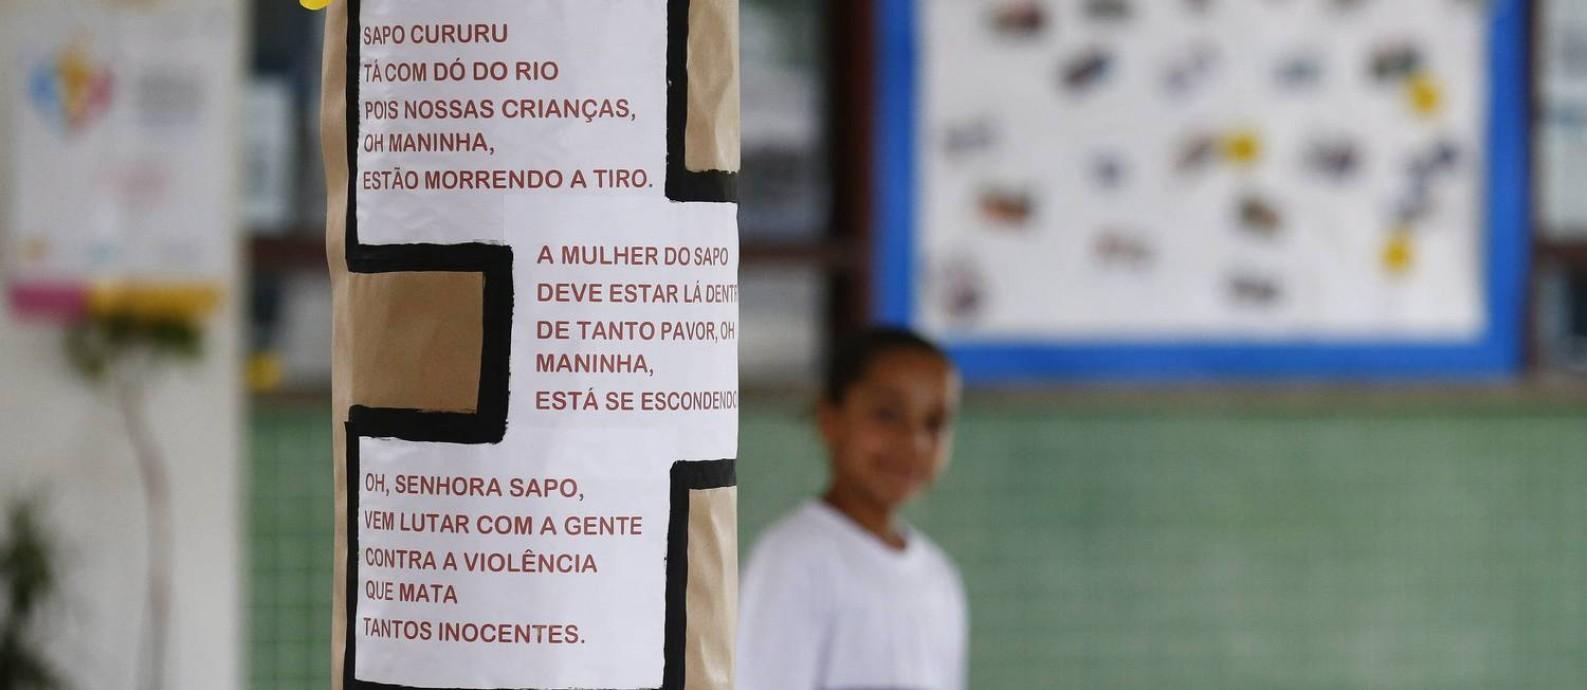 """""""Sapo Cururu"""" ganha versão para abordar violência urbana: psicólogos supervisionam volta às aulas na Escola Municipal Jornalista Daniel Piza Foto: Pablo Jacob / Agência O Globo"""